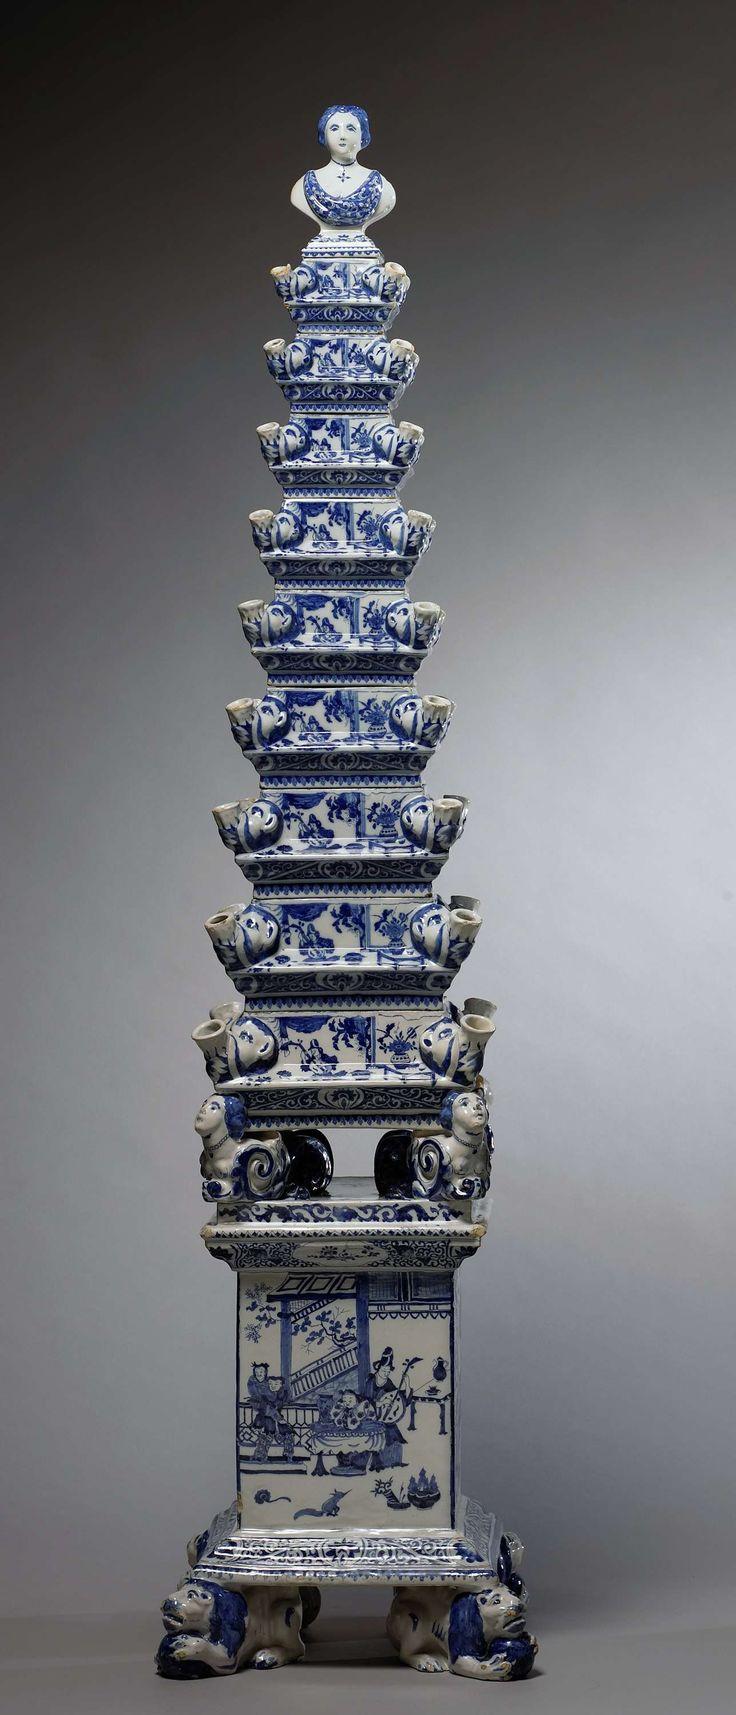 25 beste idee n over blauwe vazen op pinterest kristallen vaas tiffany blauwe decoraties en - Blauwe turquoise decoratie ...